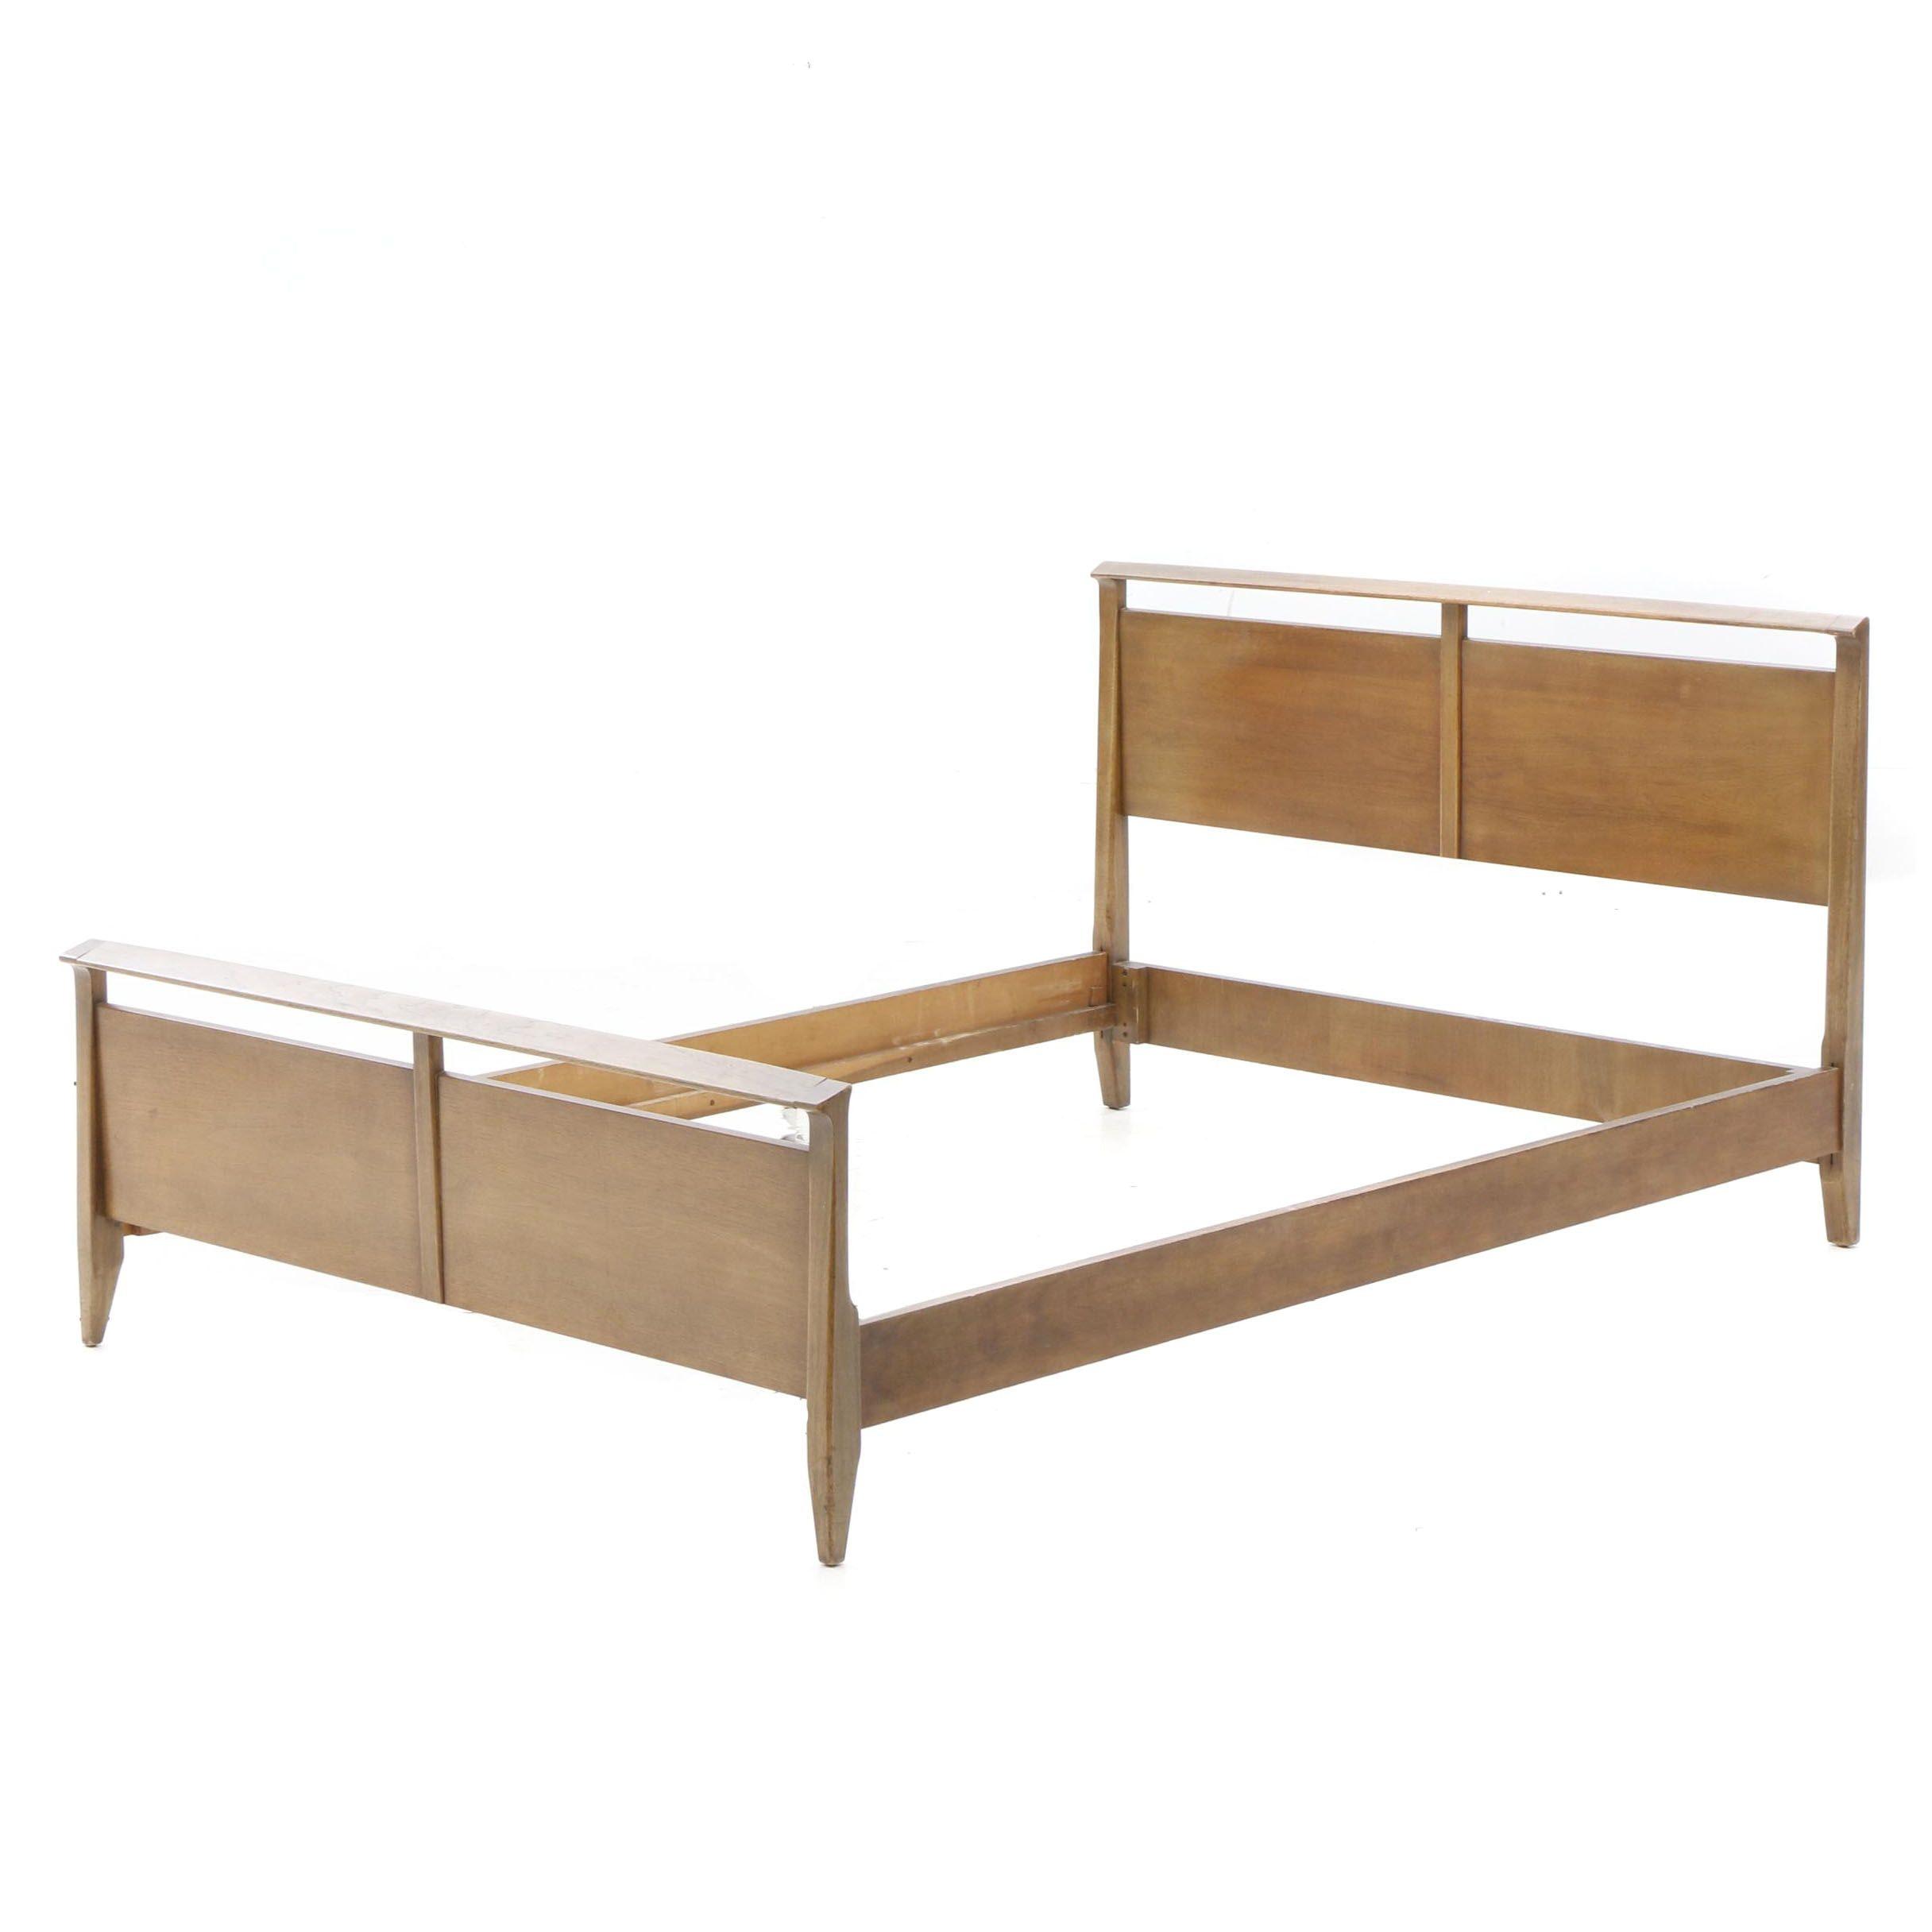 Danish Modern Style Full Size Bed Frame in Teak